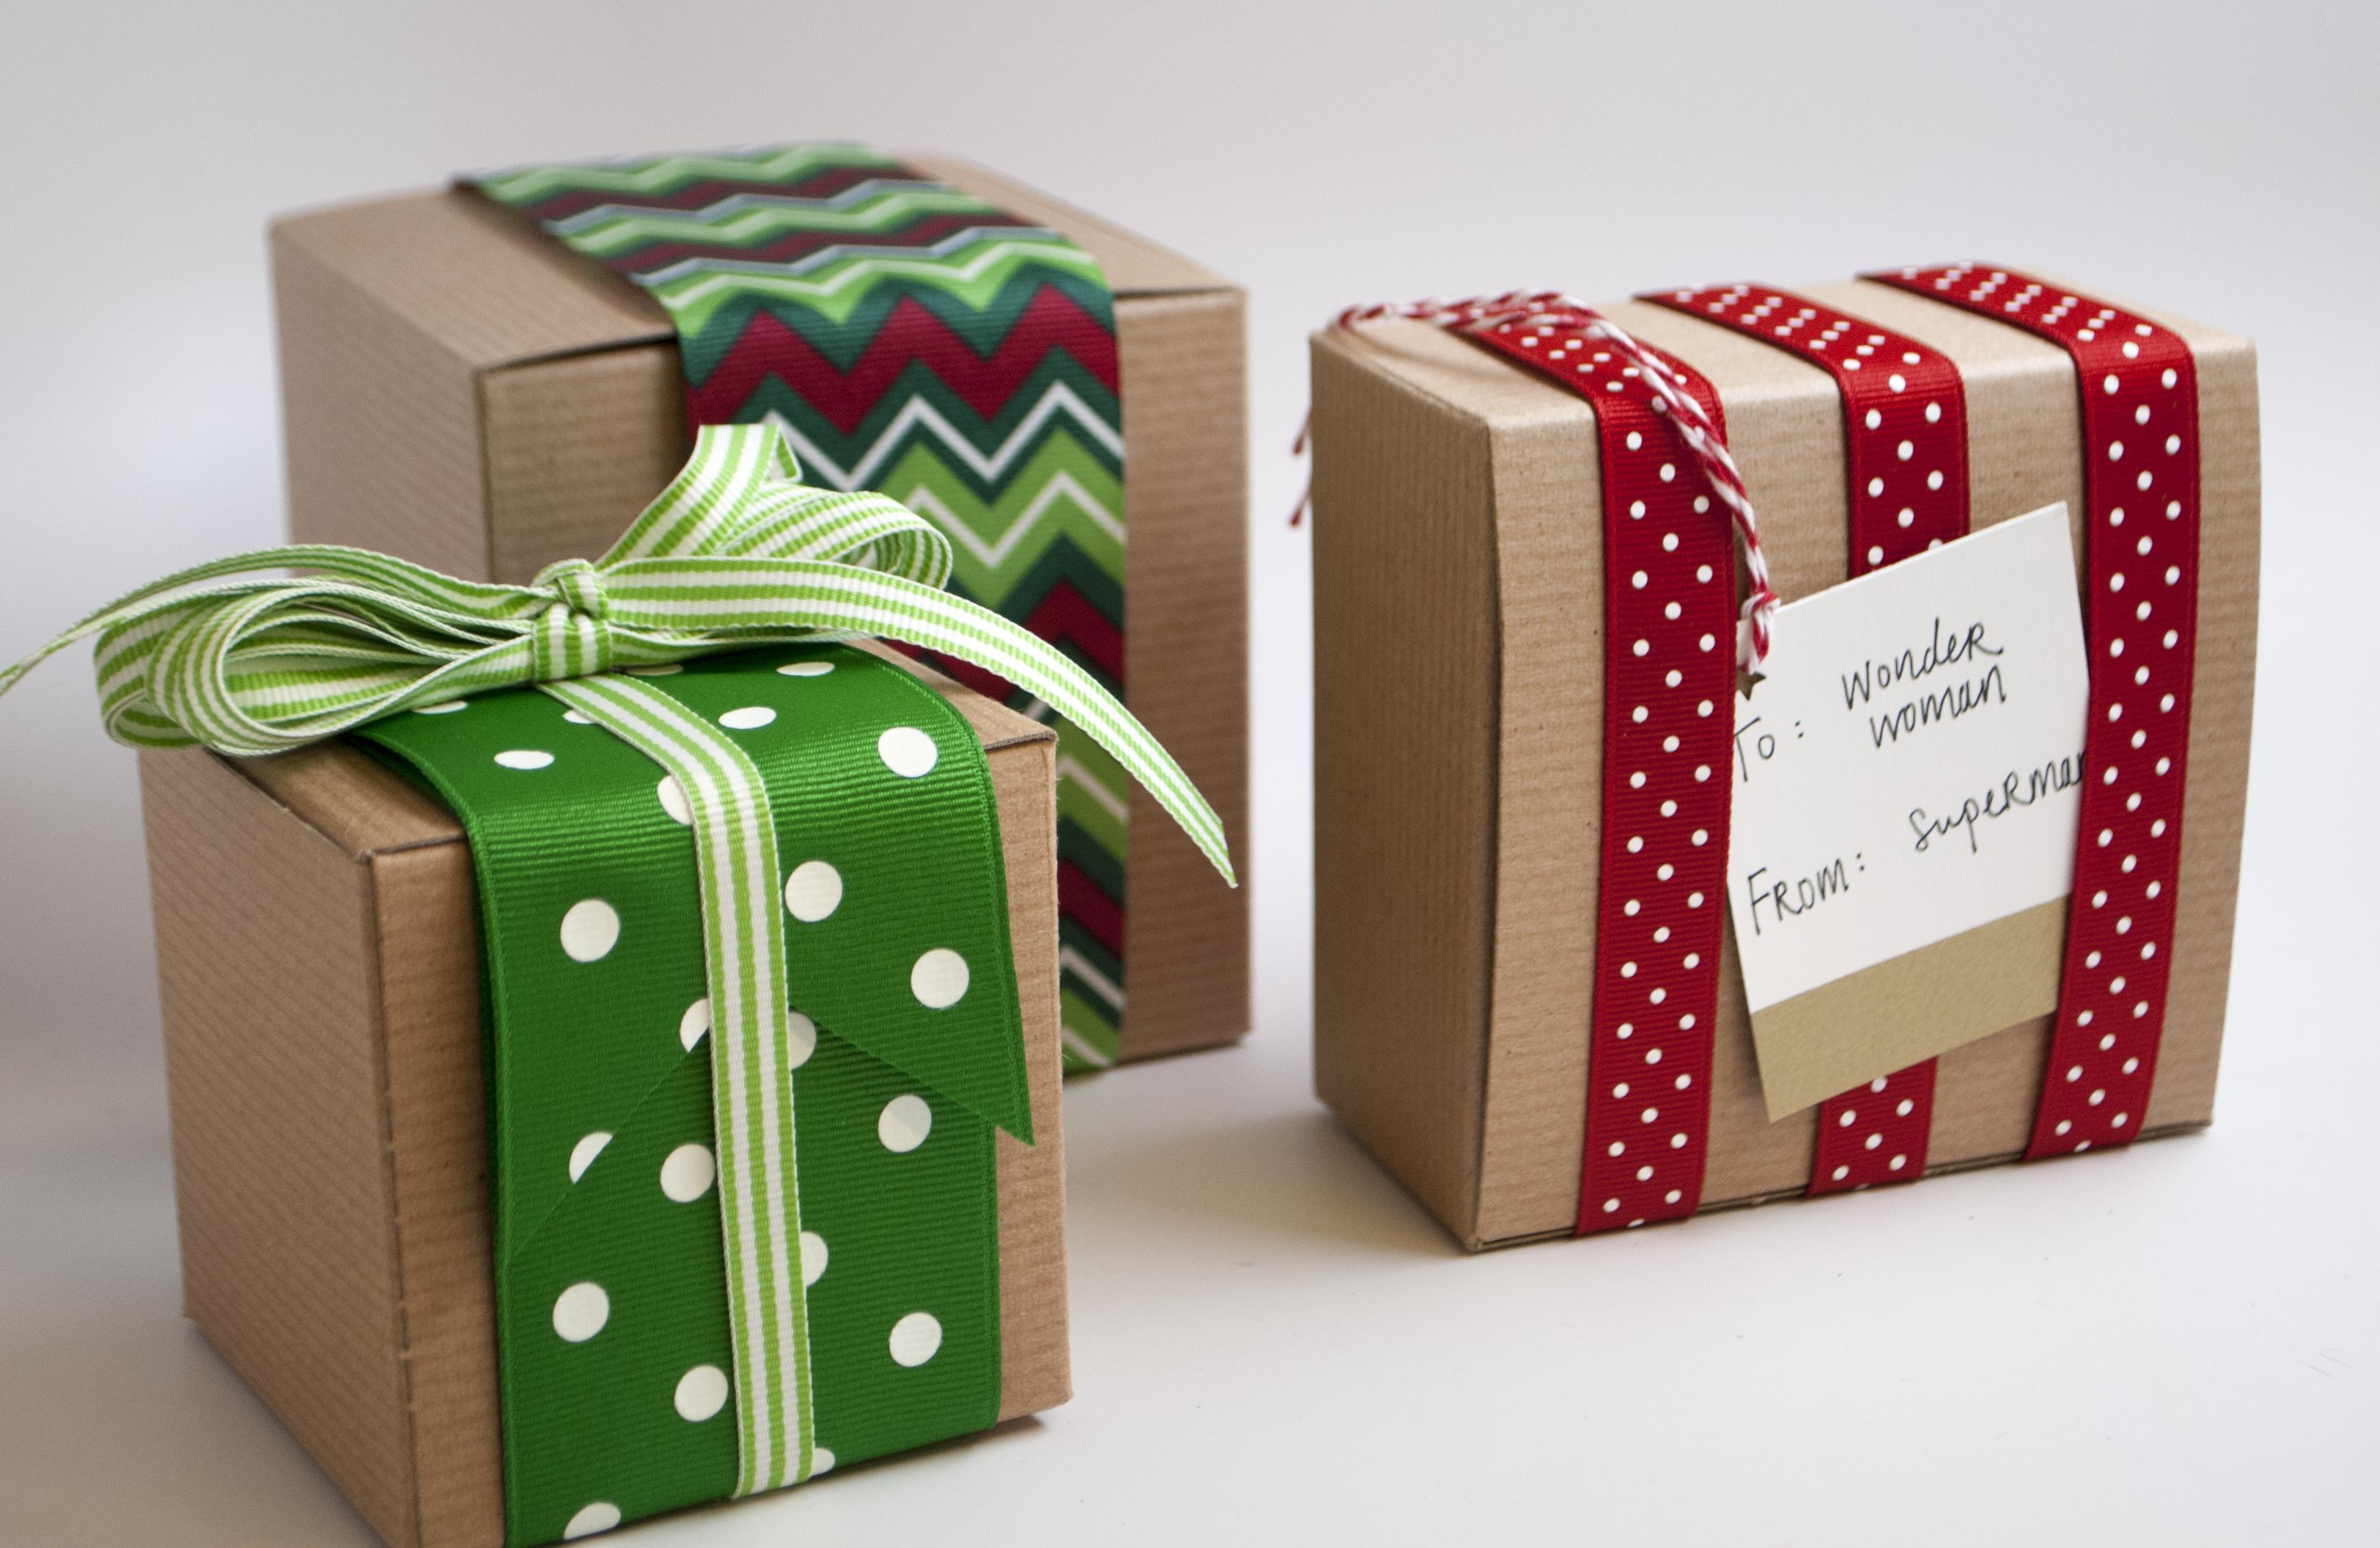 ВИДЕО: Јапонски трик за брзо пакување подароци